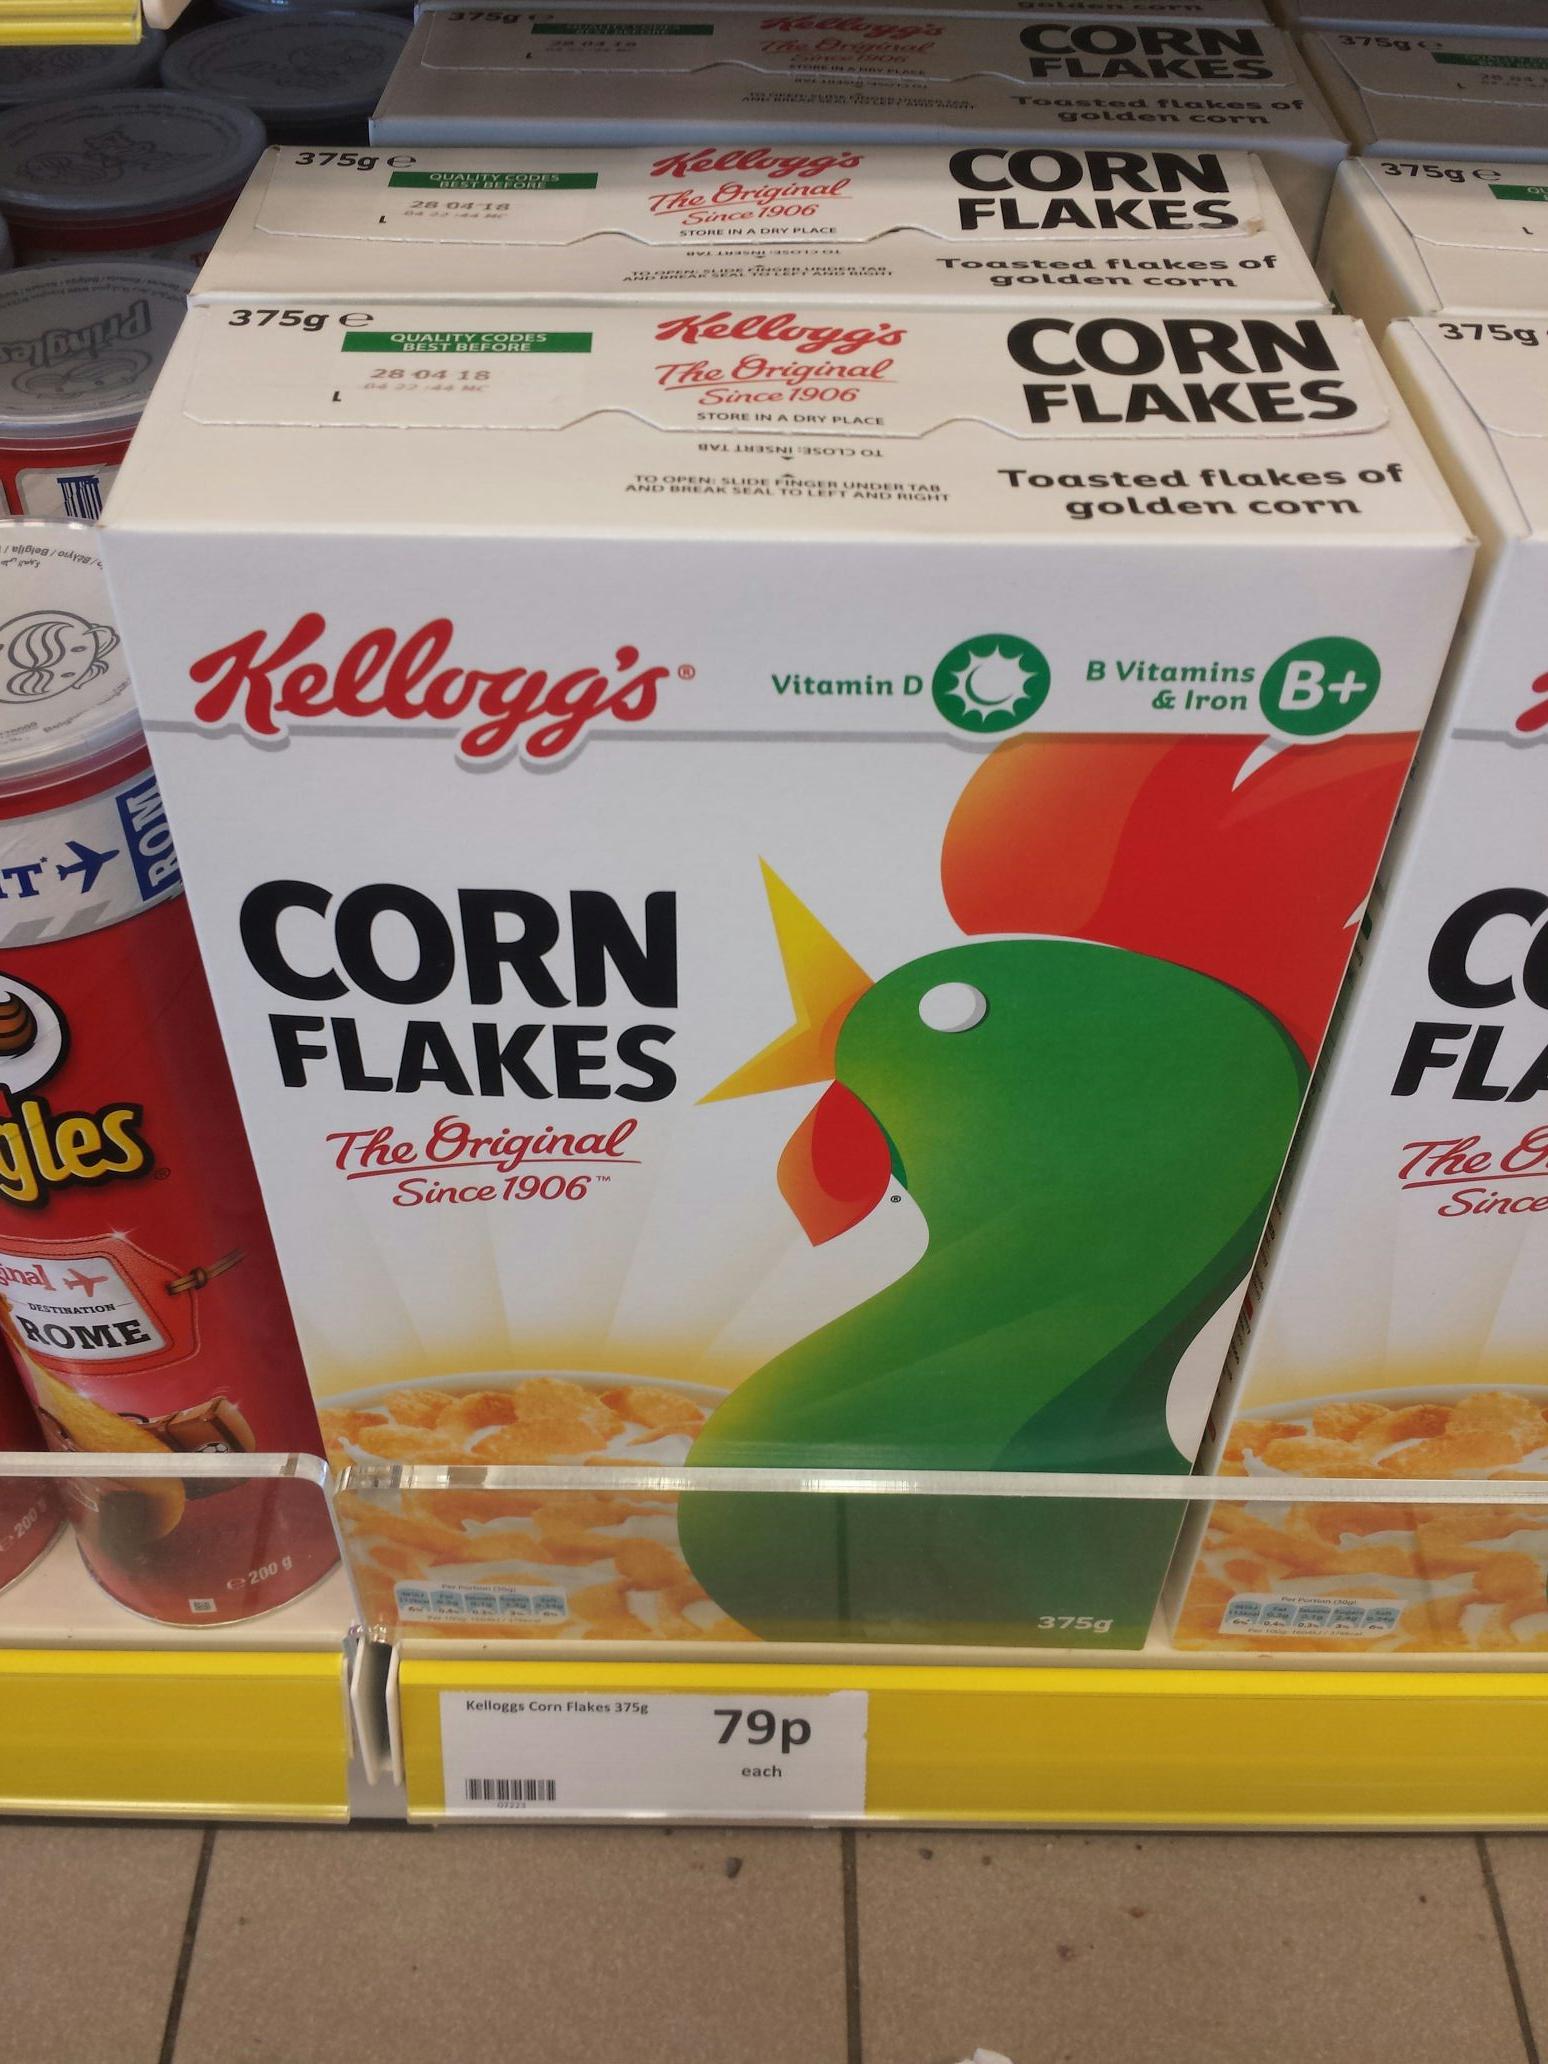 Kellogg's Cornflakes 375g for 79p at Heron Foods.